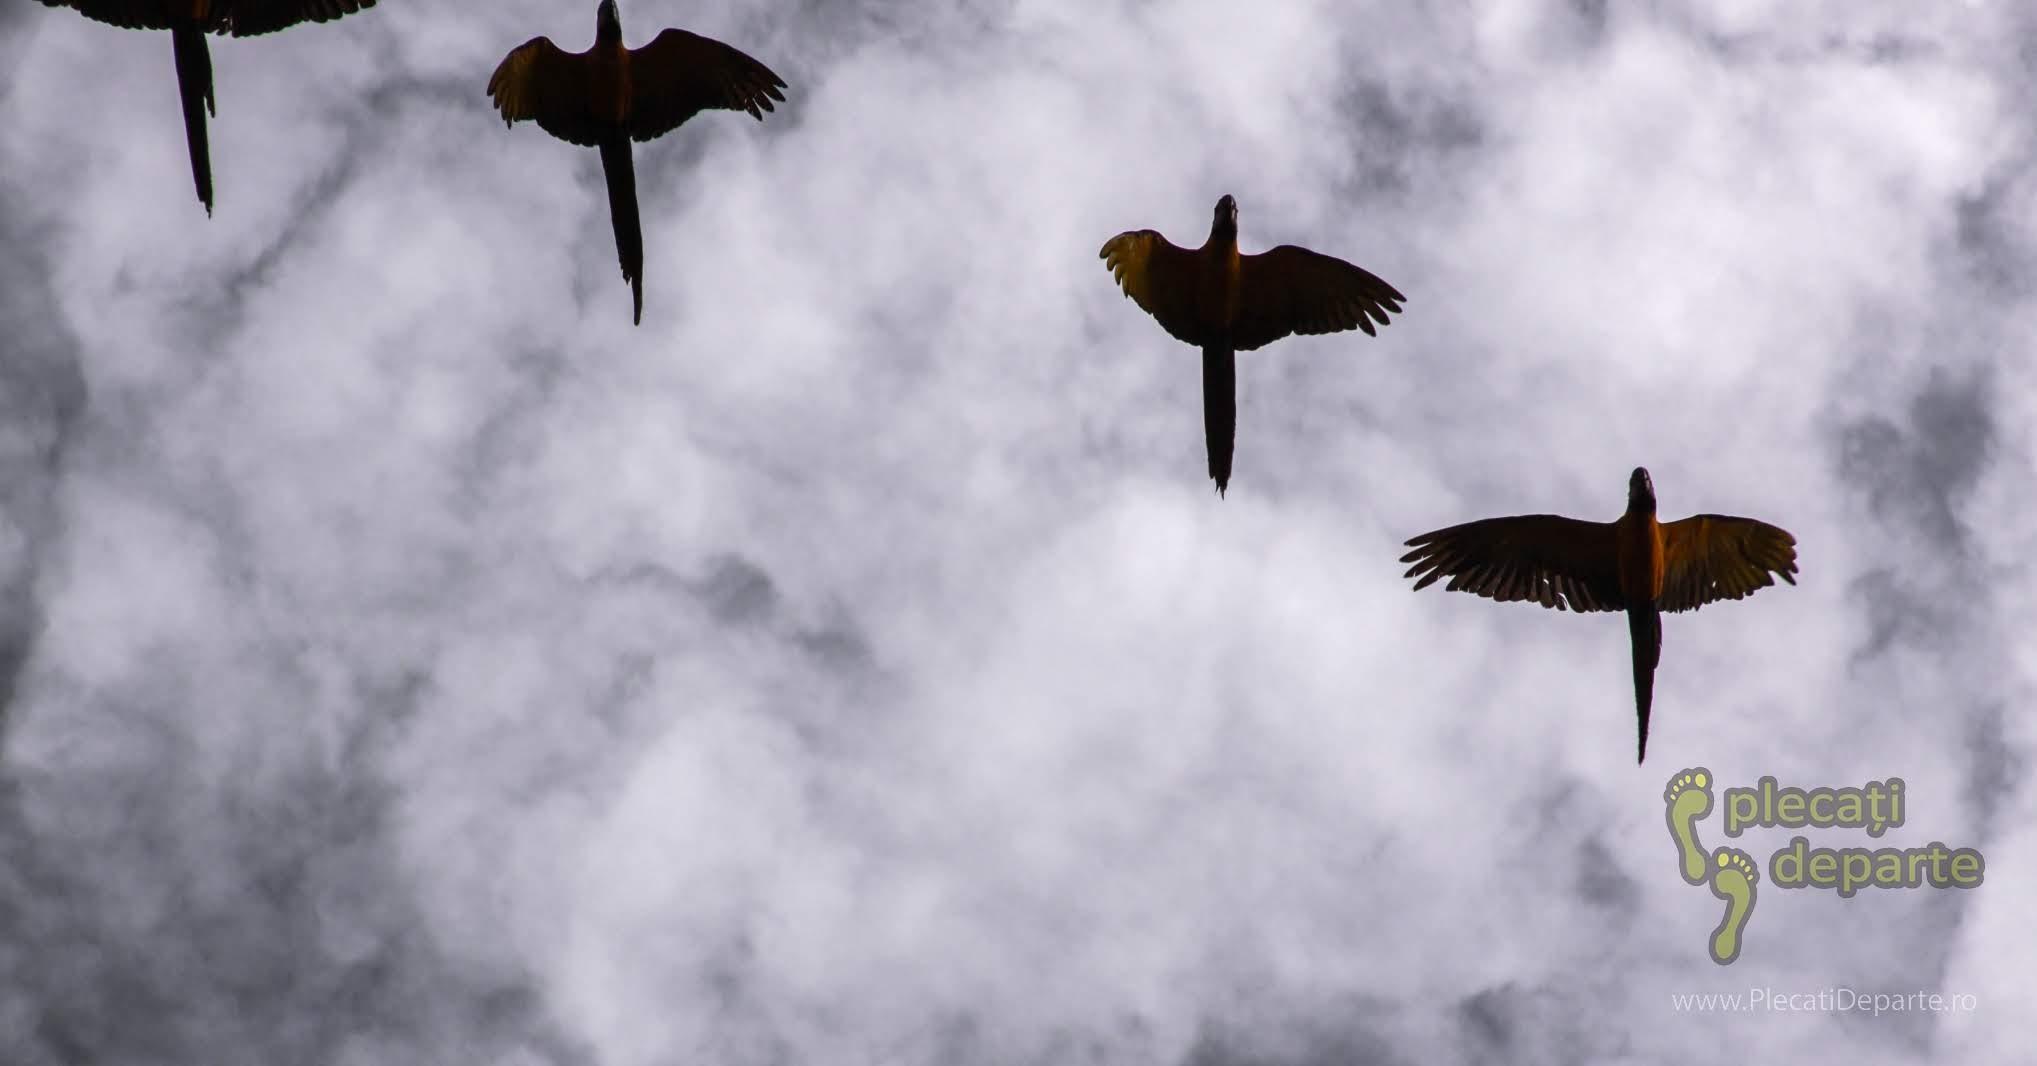 Papagali marele alexandru, in zbor in jungla amazoniana, Rezervatia Nationala Pacaya-Samiria, Peru